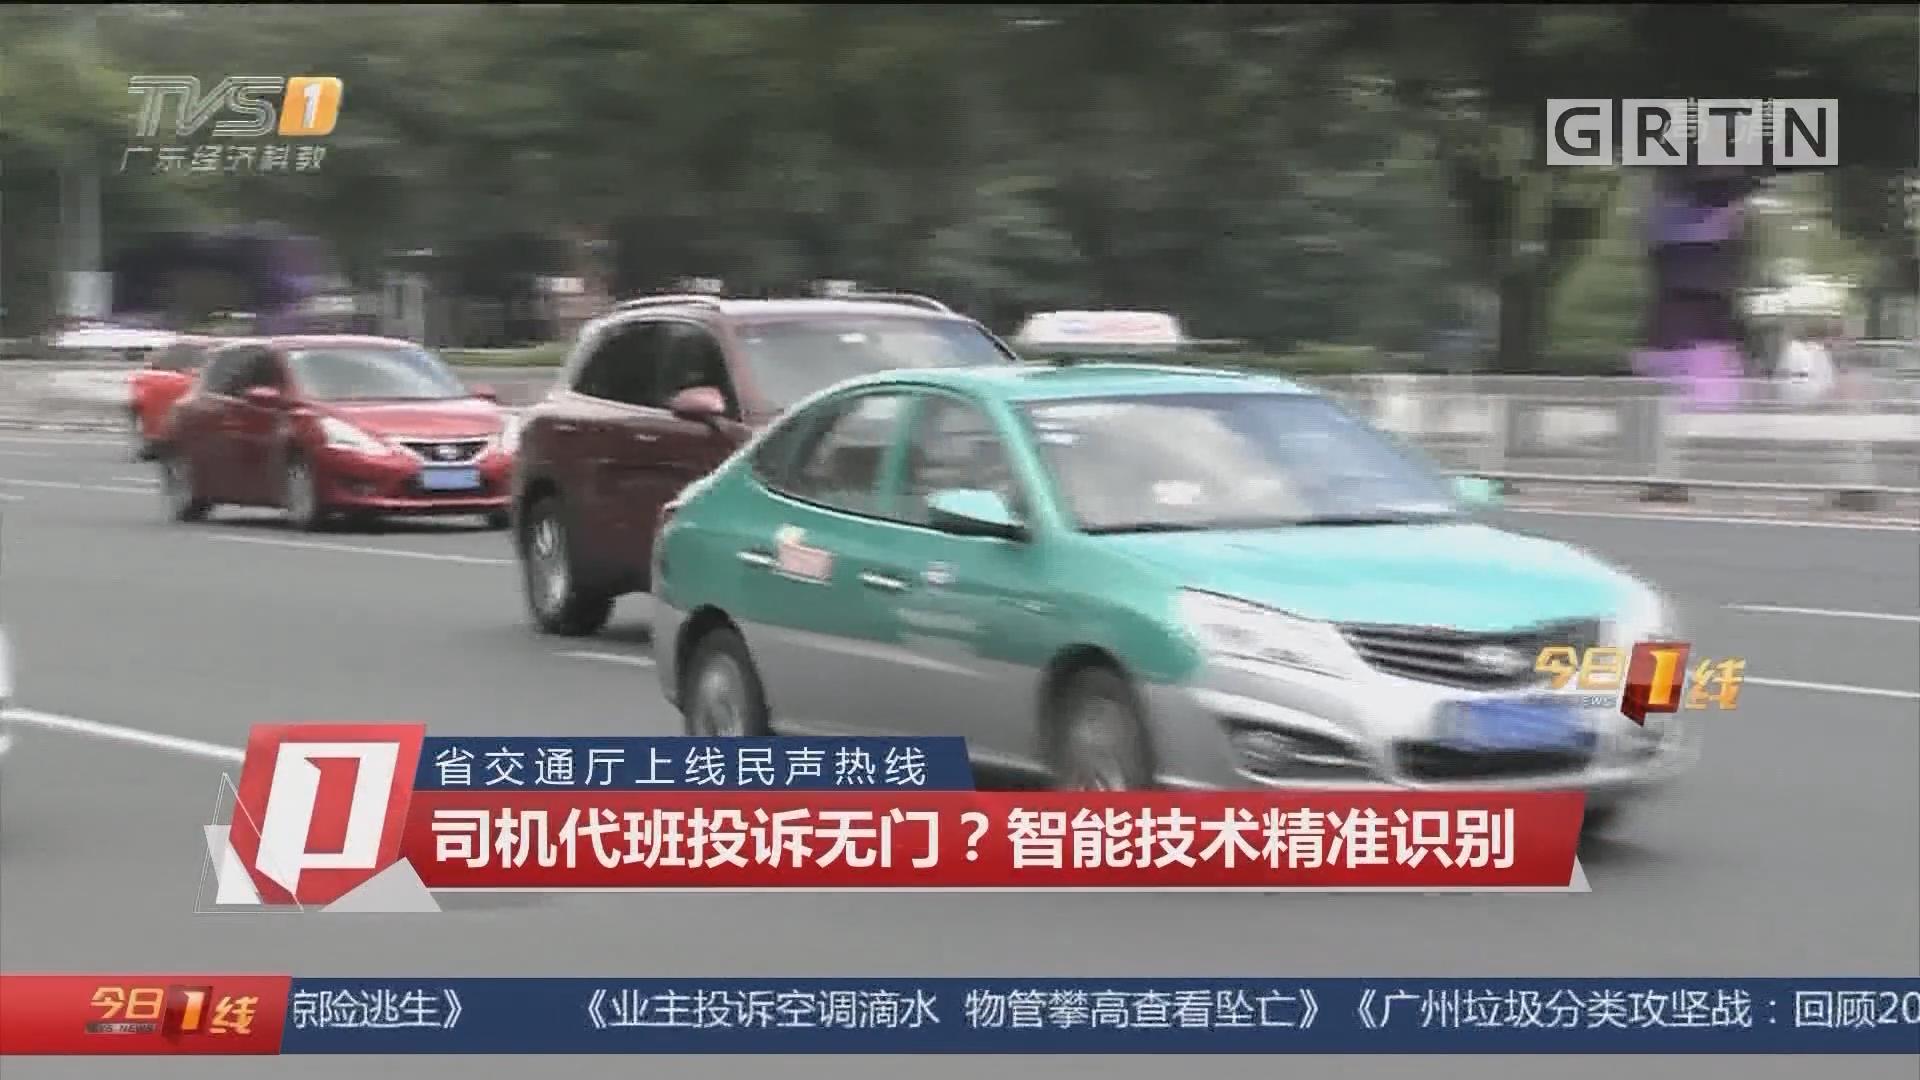 省交通厅上线民声热线:司机代班投诉无门?智能技术精准识别